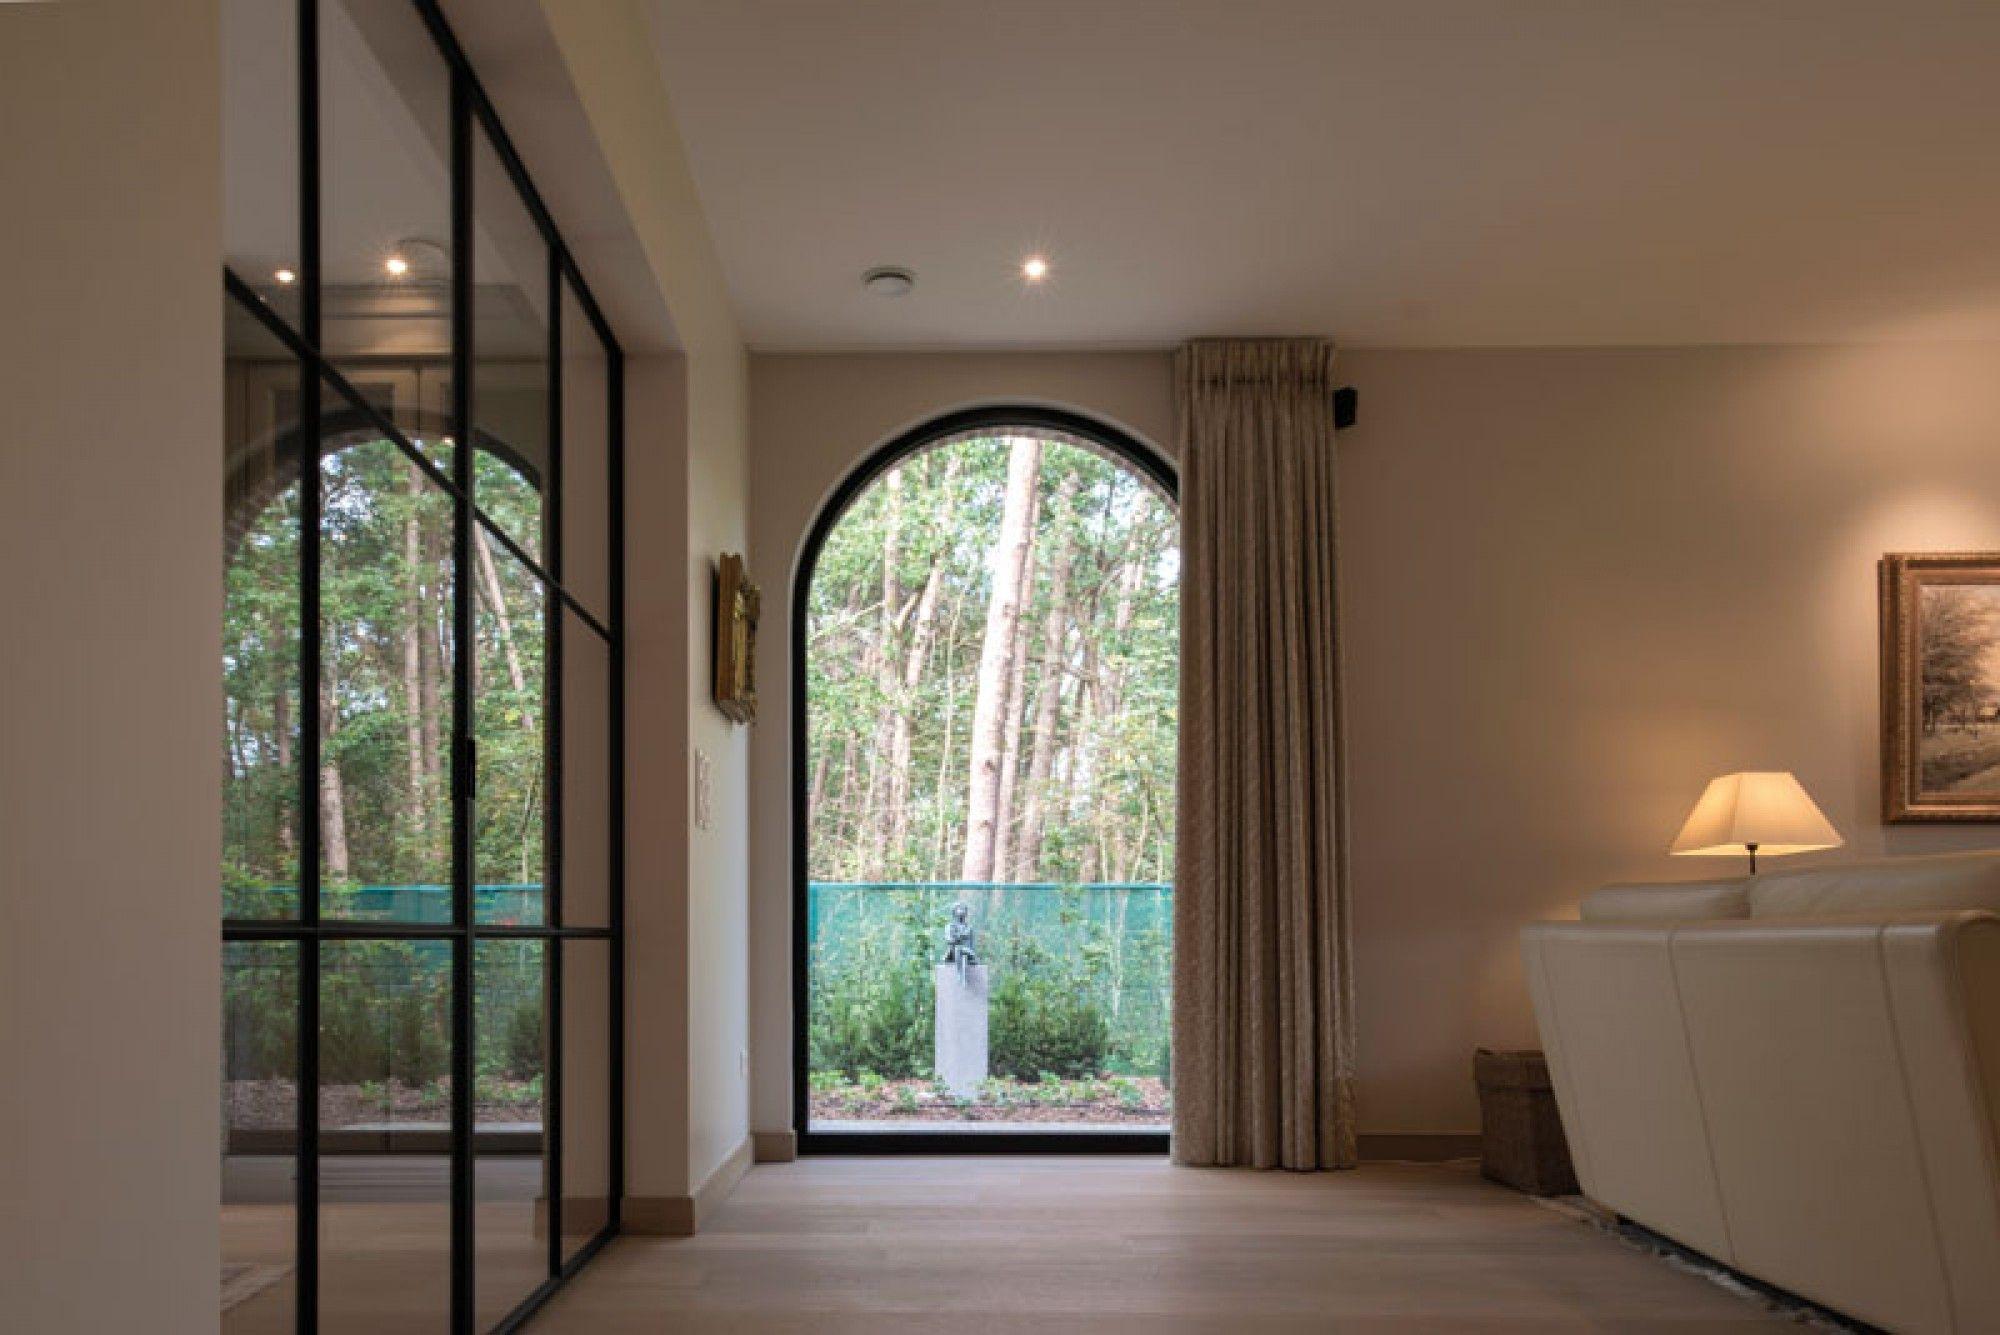 Gebruiksvriendelijke En Duurzame Schoonheid Boog Ramen Boogramen Ramen Huis